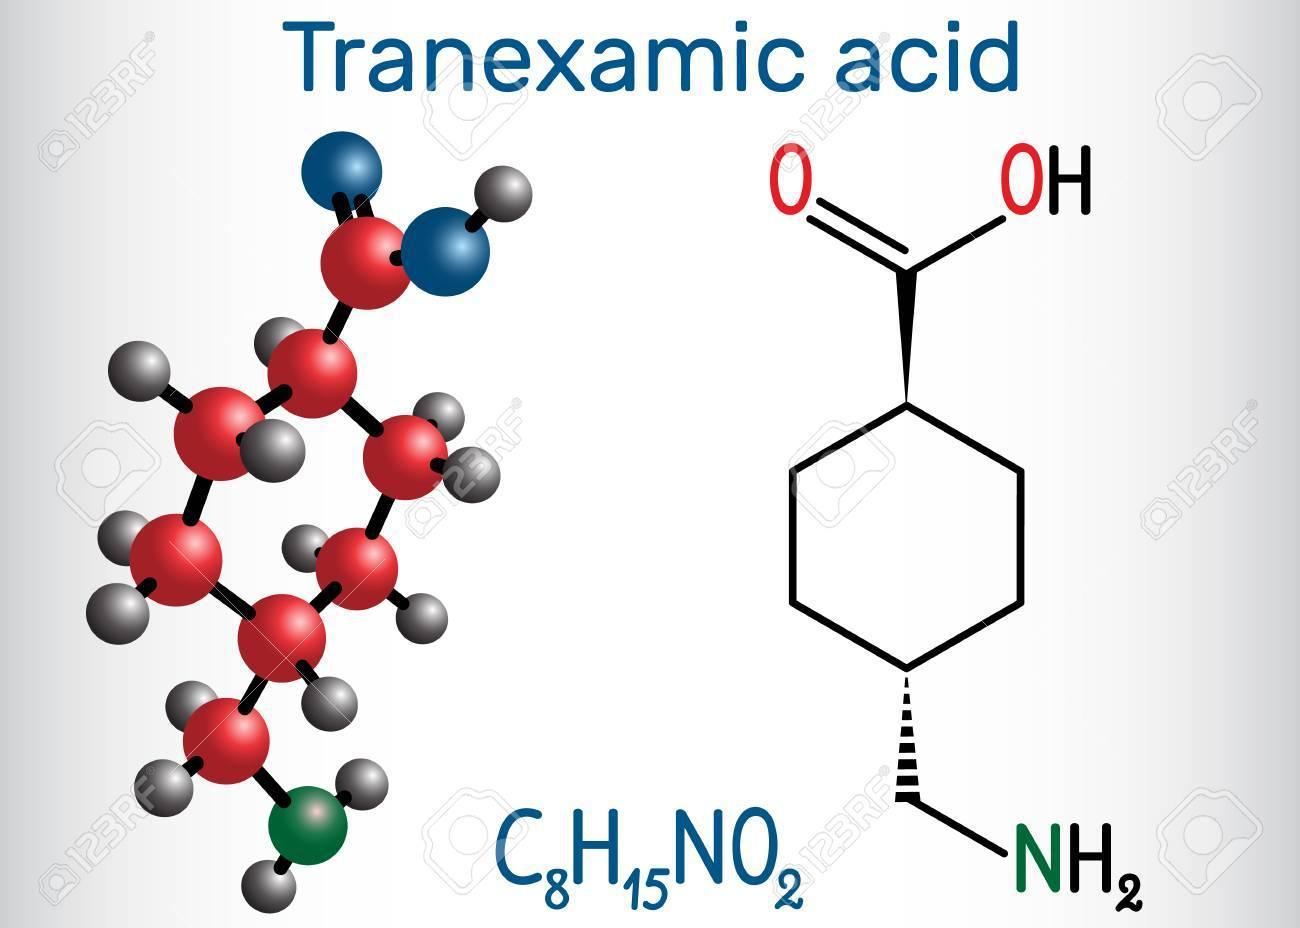 Khám phá ứng dụng của Tranexamic Acid trong mỹ phẩm - Ảnh 2.